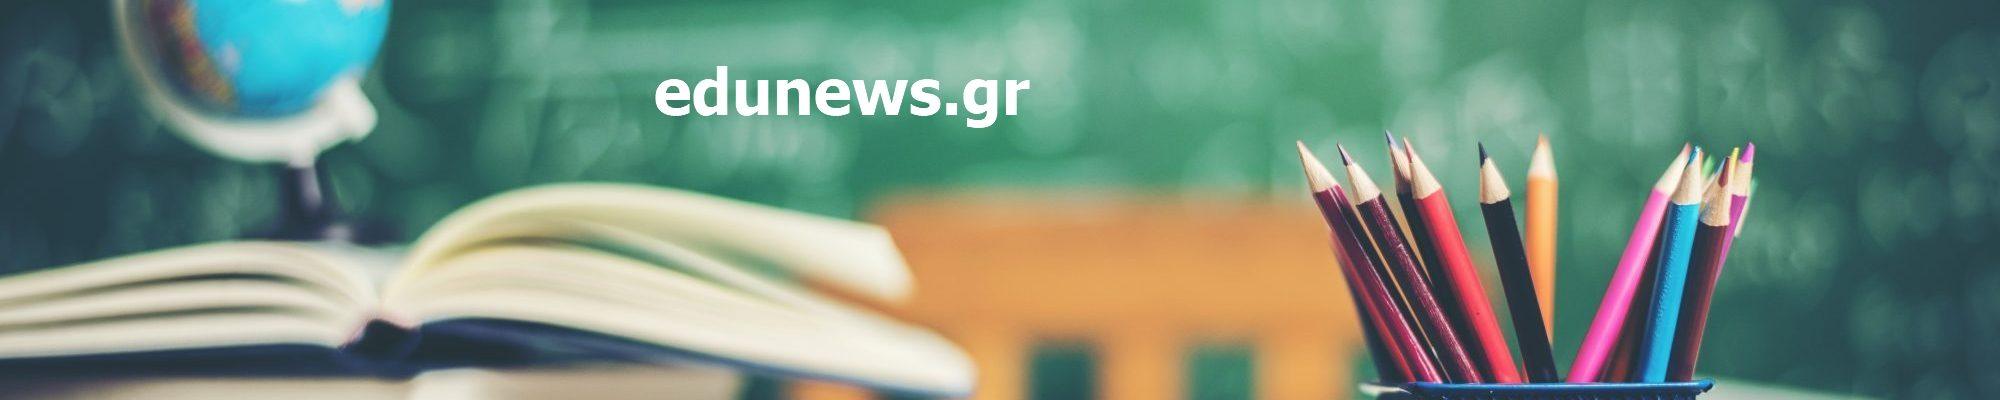 Τα νέα της εκπαίδευσης